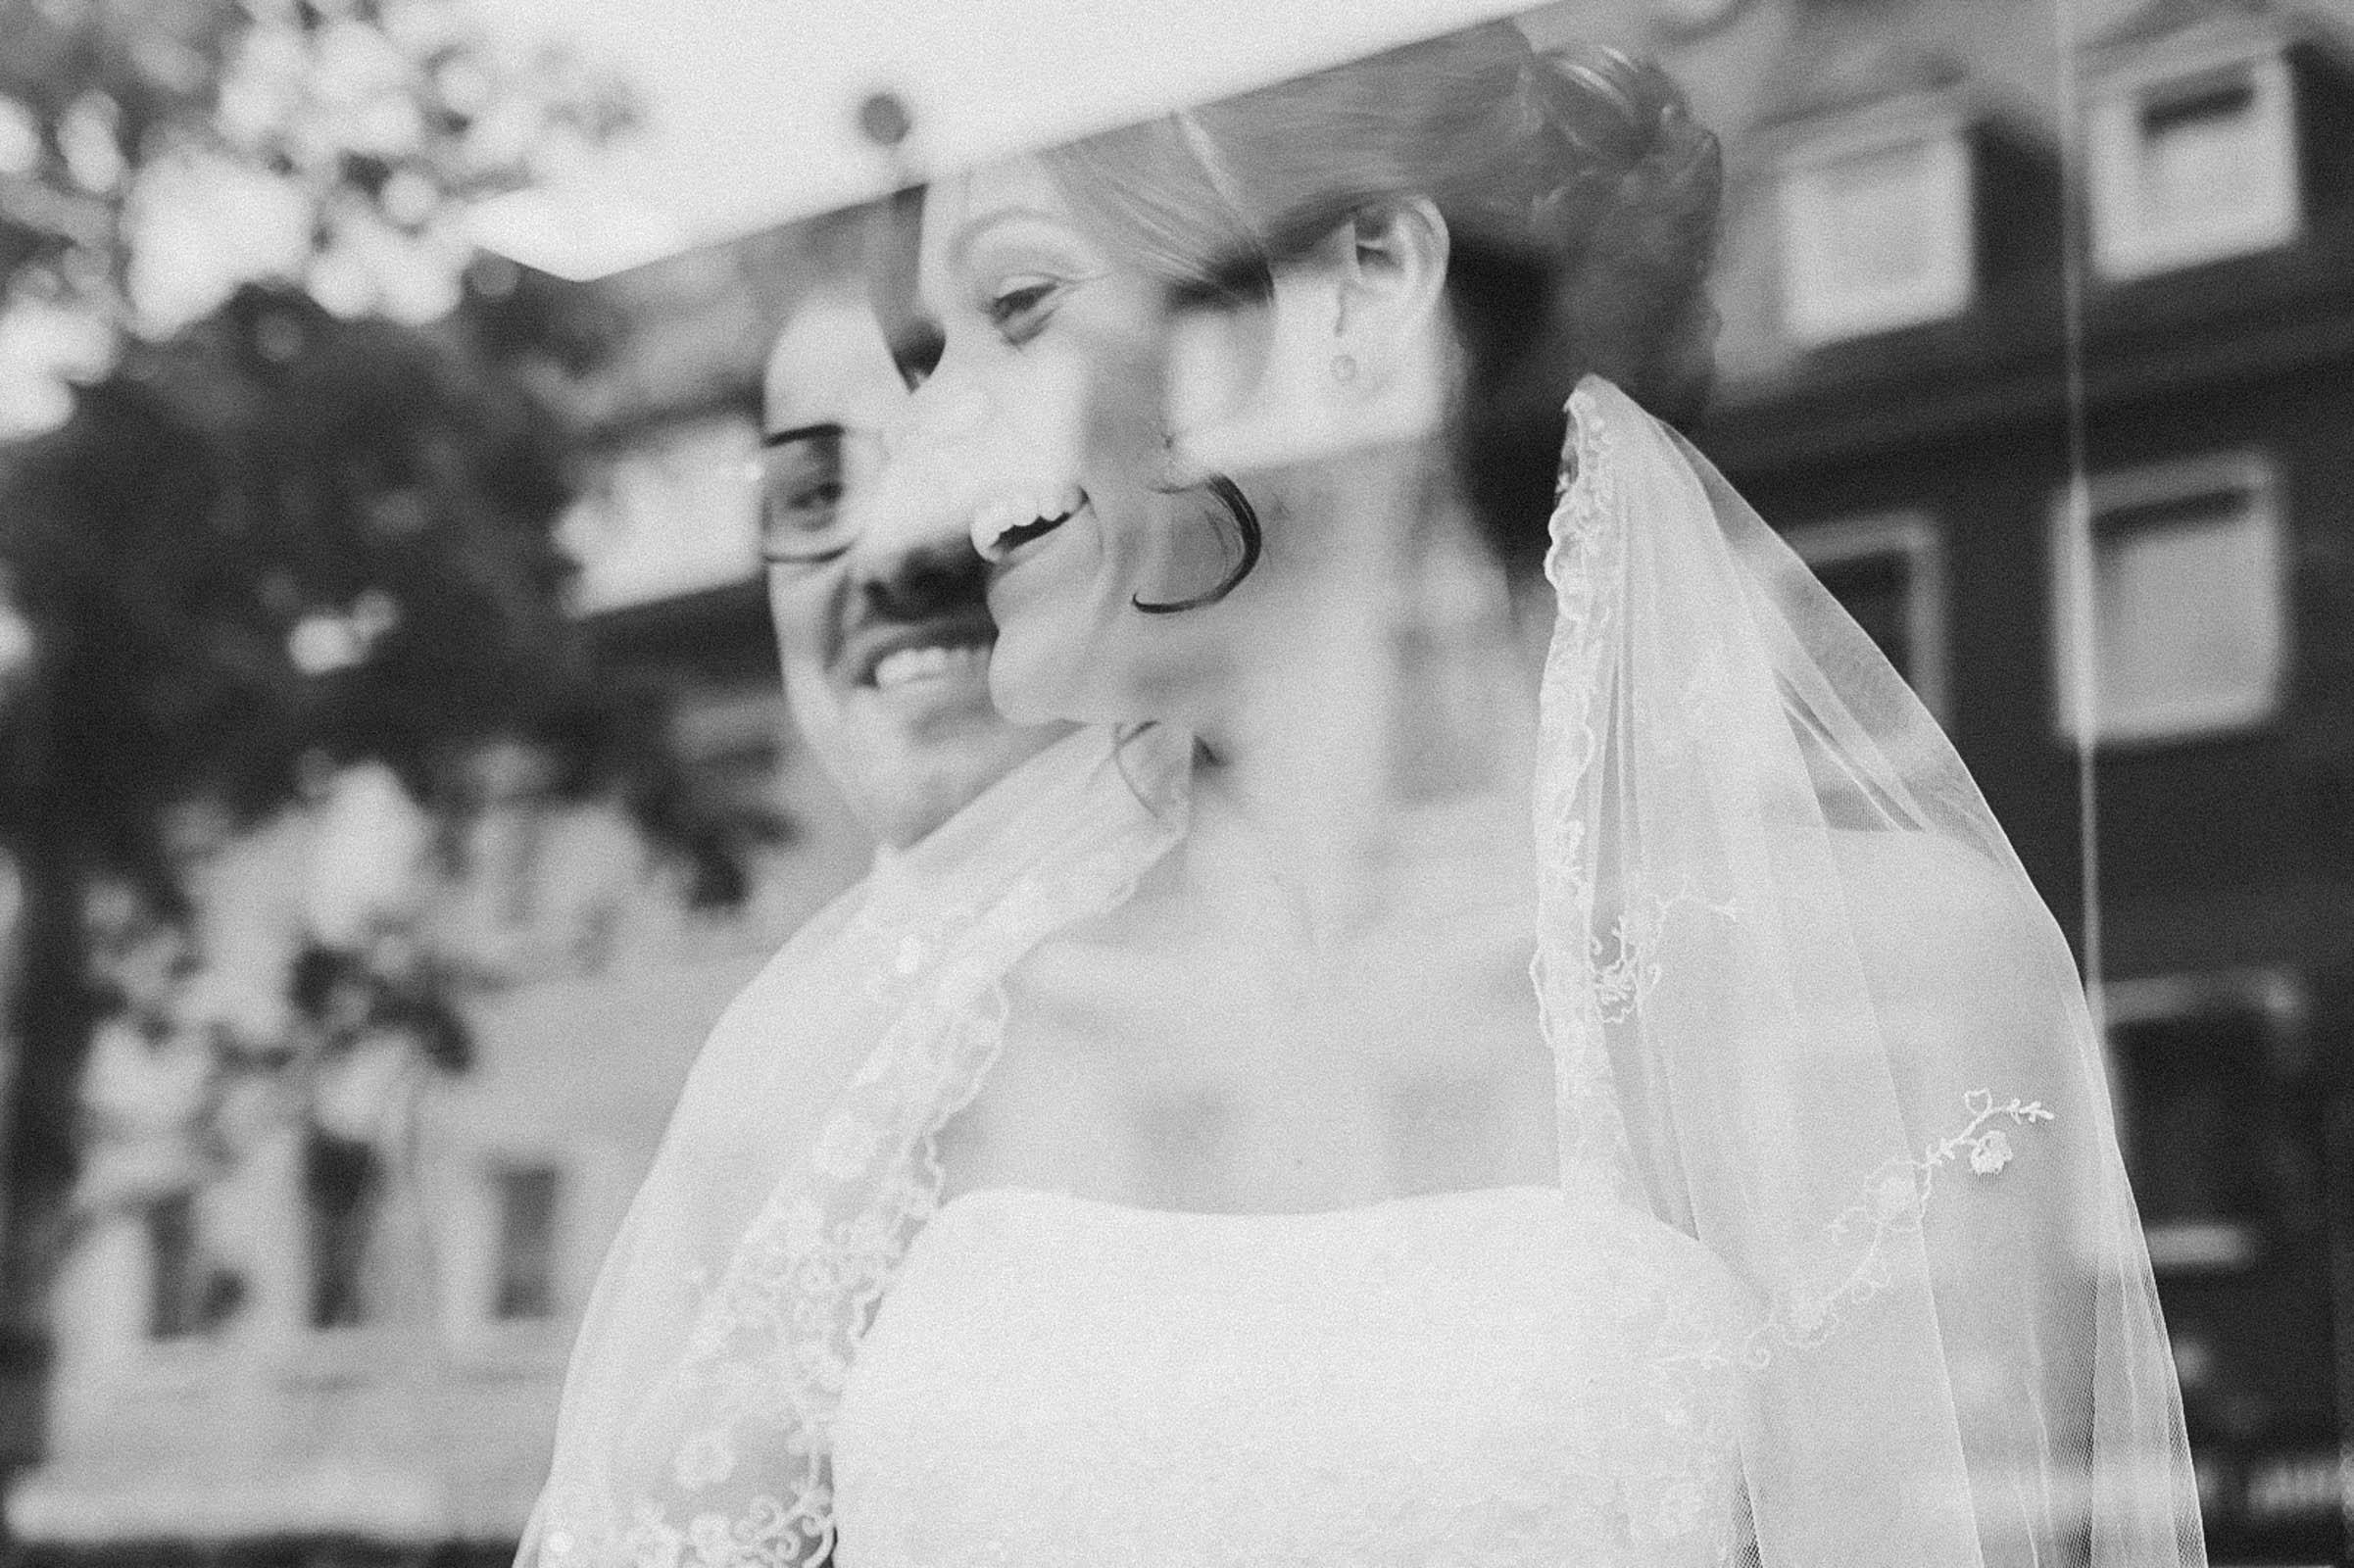 Monstergraphie_Hochzeitsreportage_Siegen-8.jpg?fit=2402%2C1600